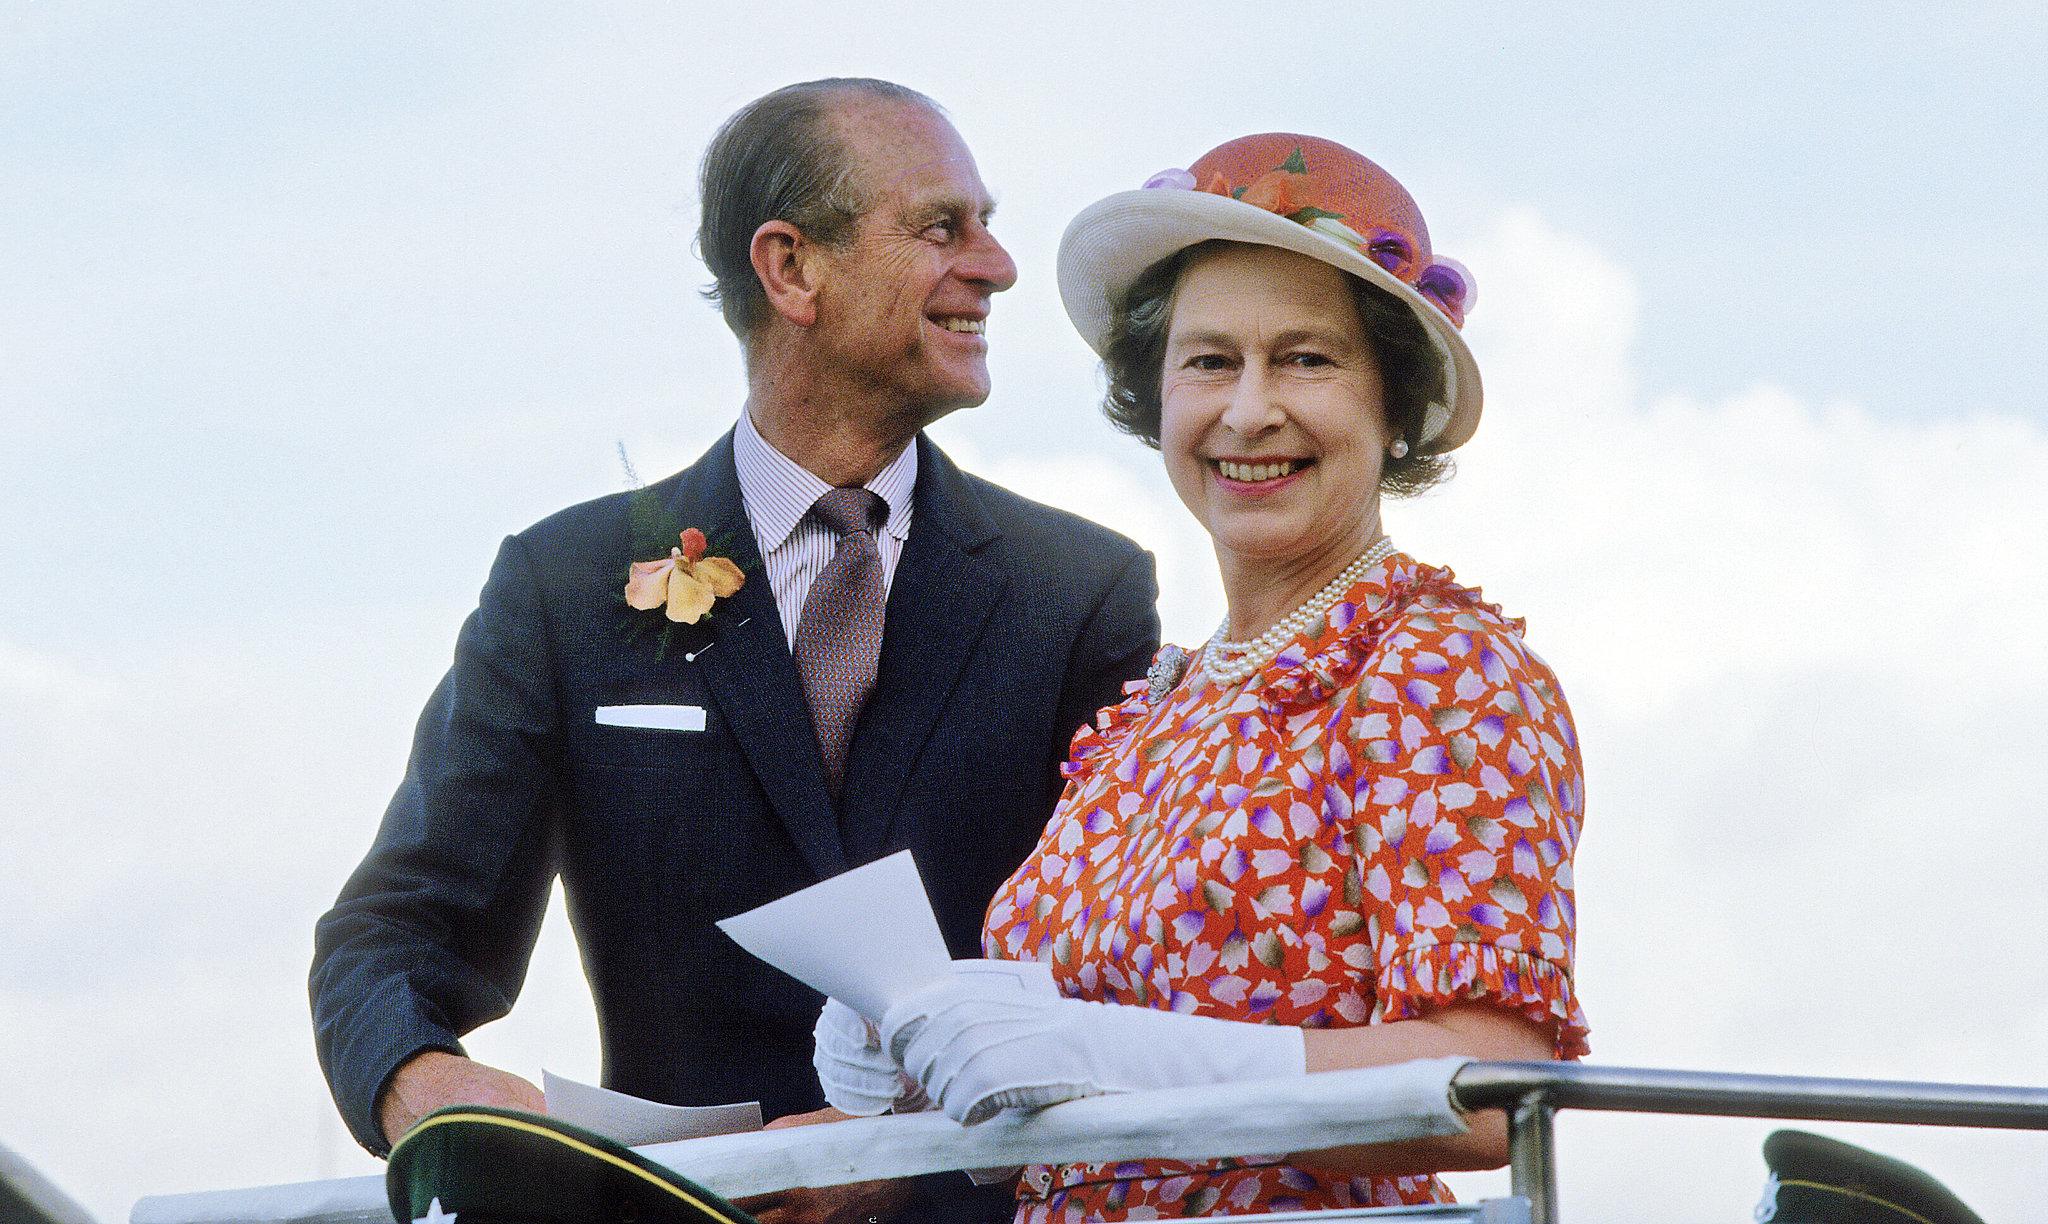 Герцог Эдинбургский и королева Елизавета II